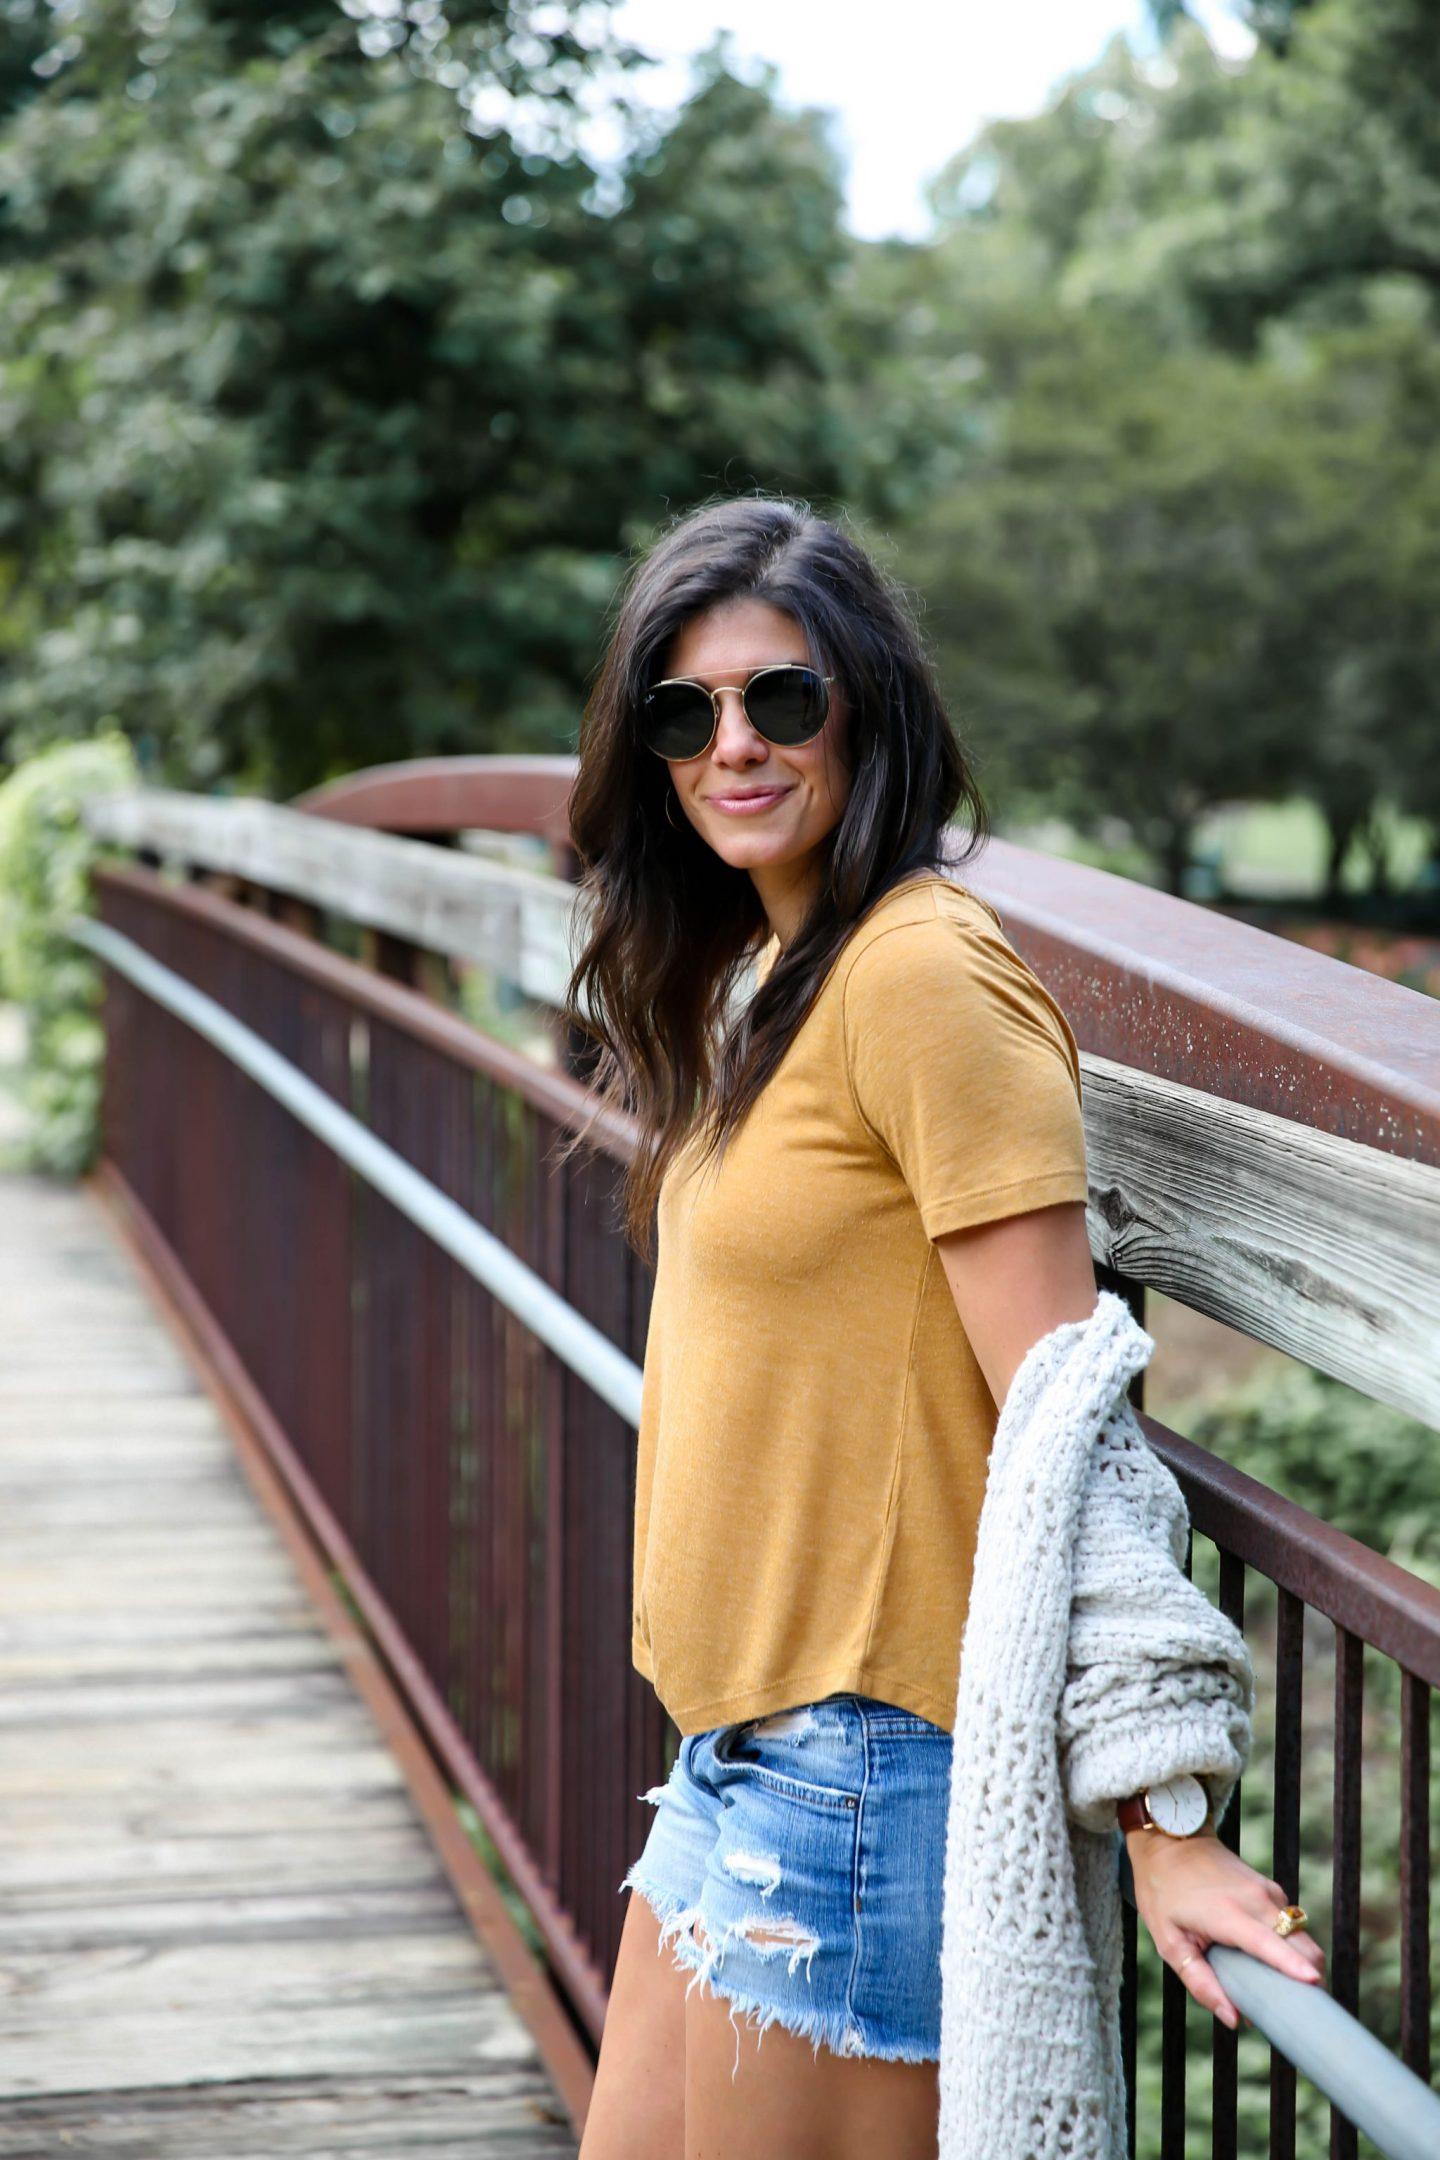 mustard tee - cozy cardigan - Lauren schwaiger style blog